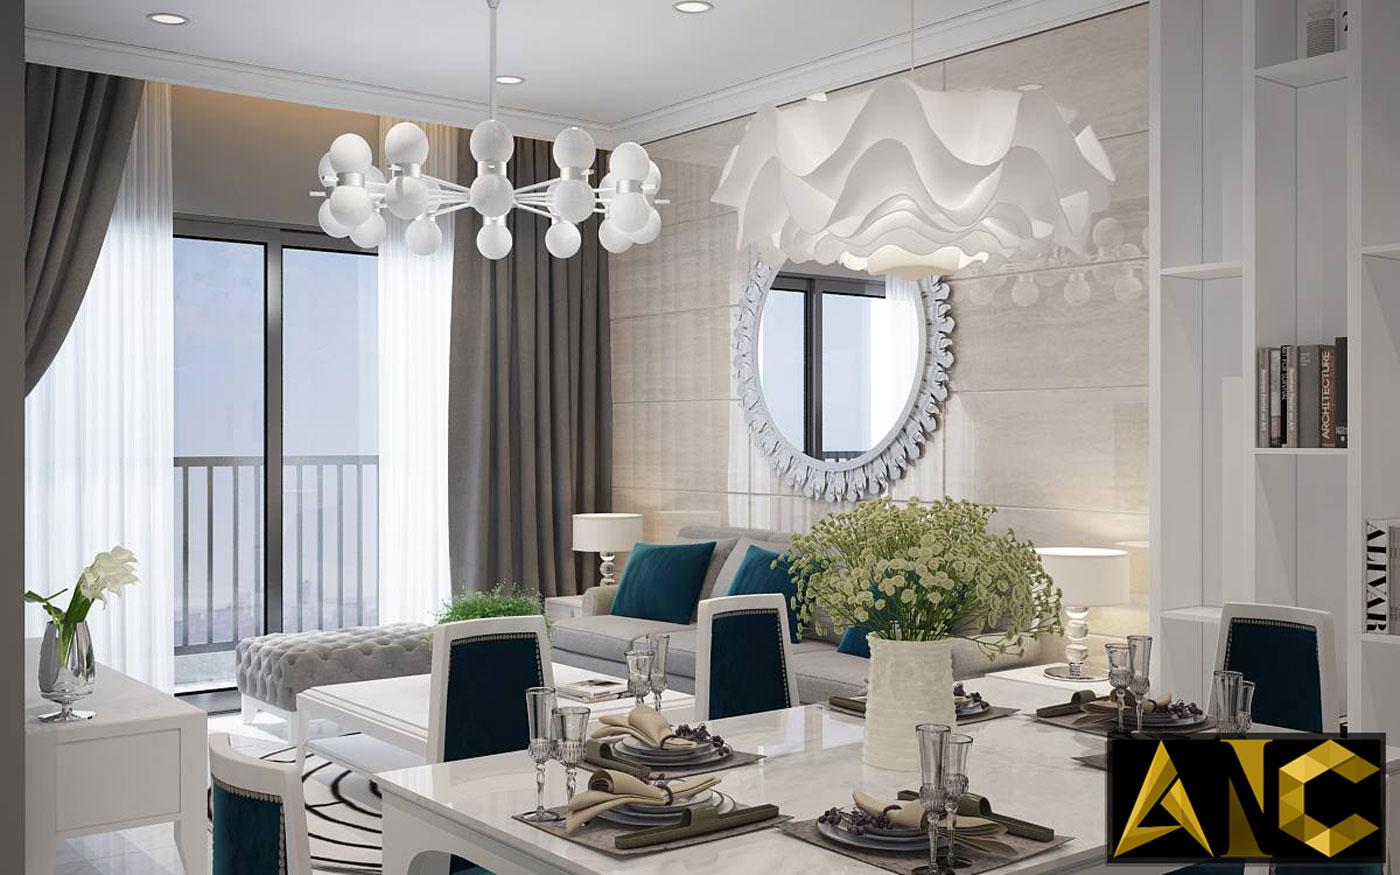 Thiết kế thi công nội thất căn hộ Scenic Valley phòng bếp view 3